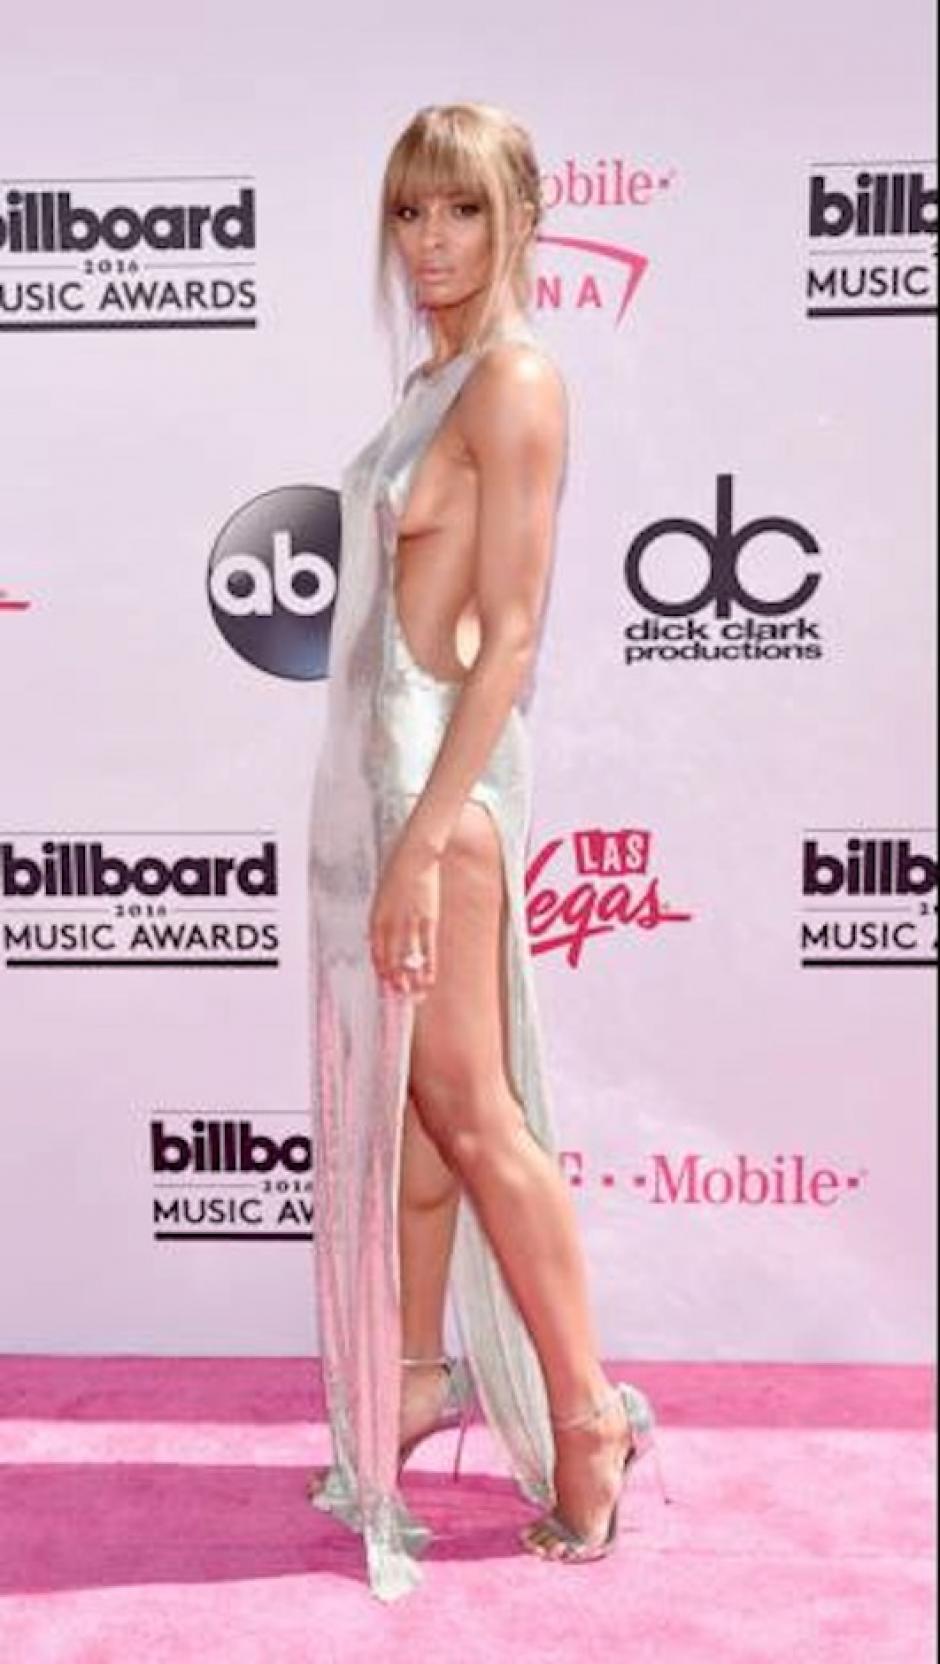 El vestido no dejó nada a la imaginación. (Foto: Gilbert Flores/Broadimage)